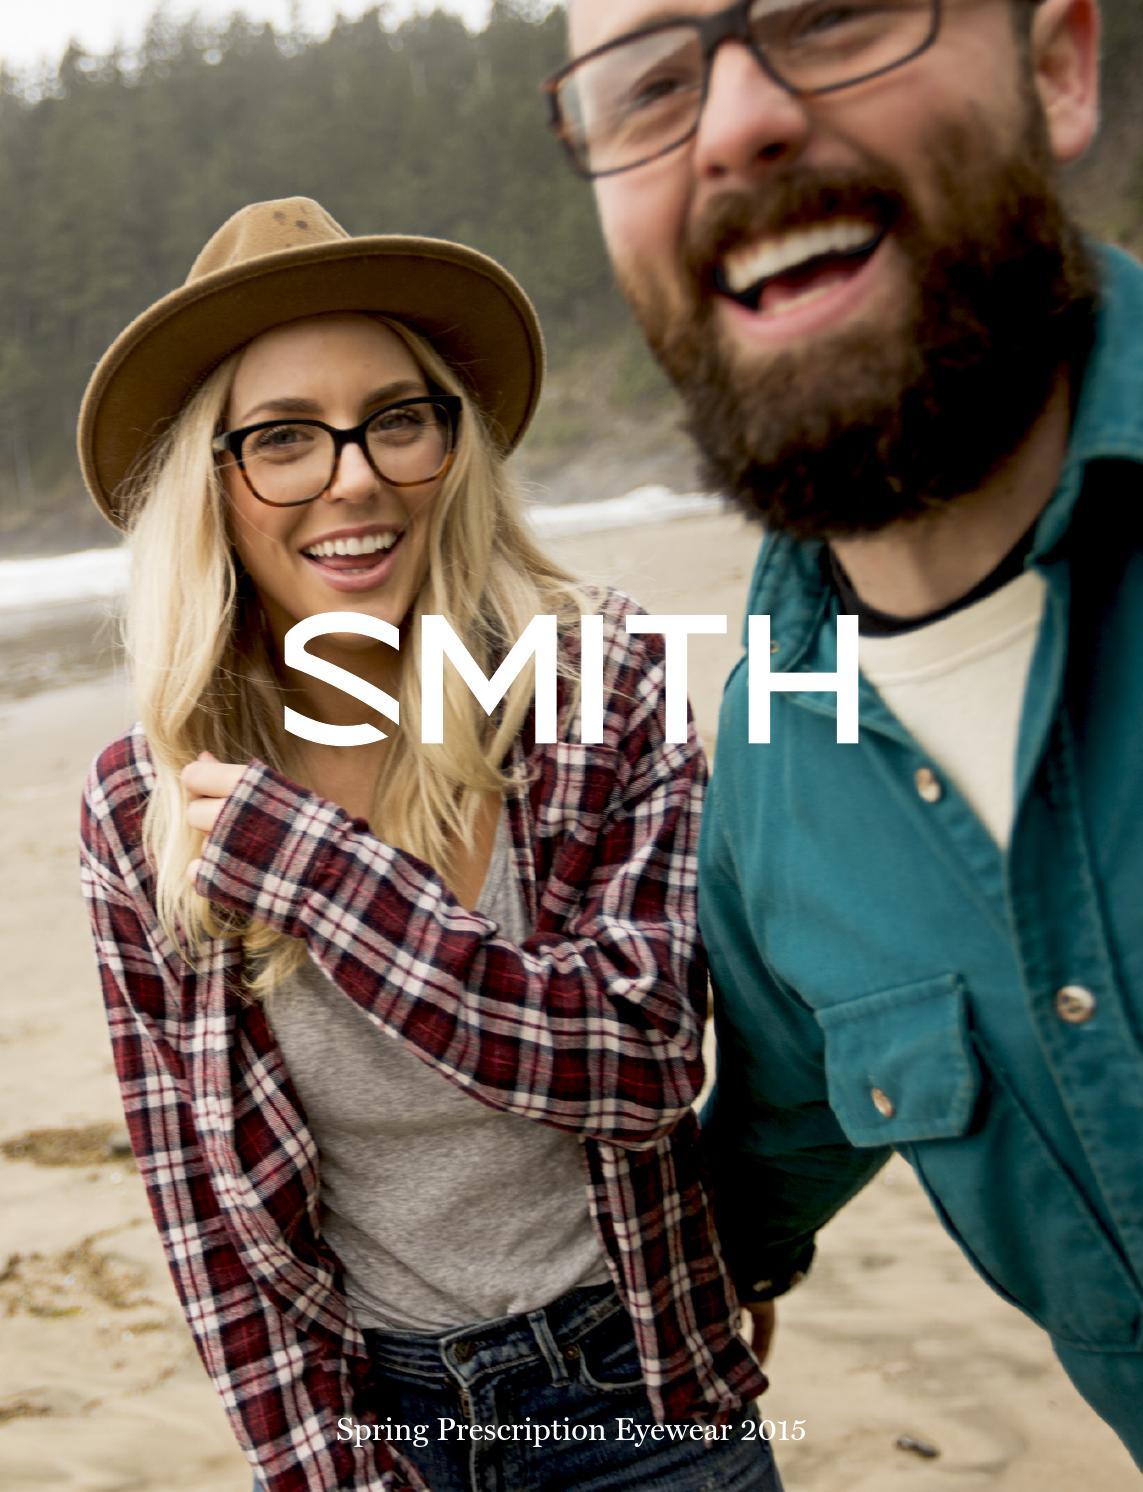 540850c9eb Smith rx spring2015 issuu by Smith - issuu